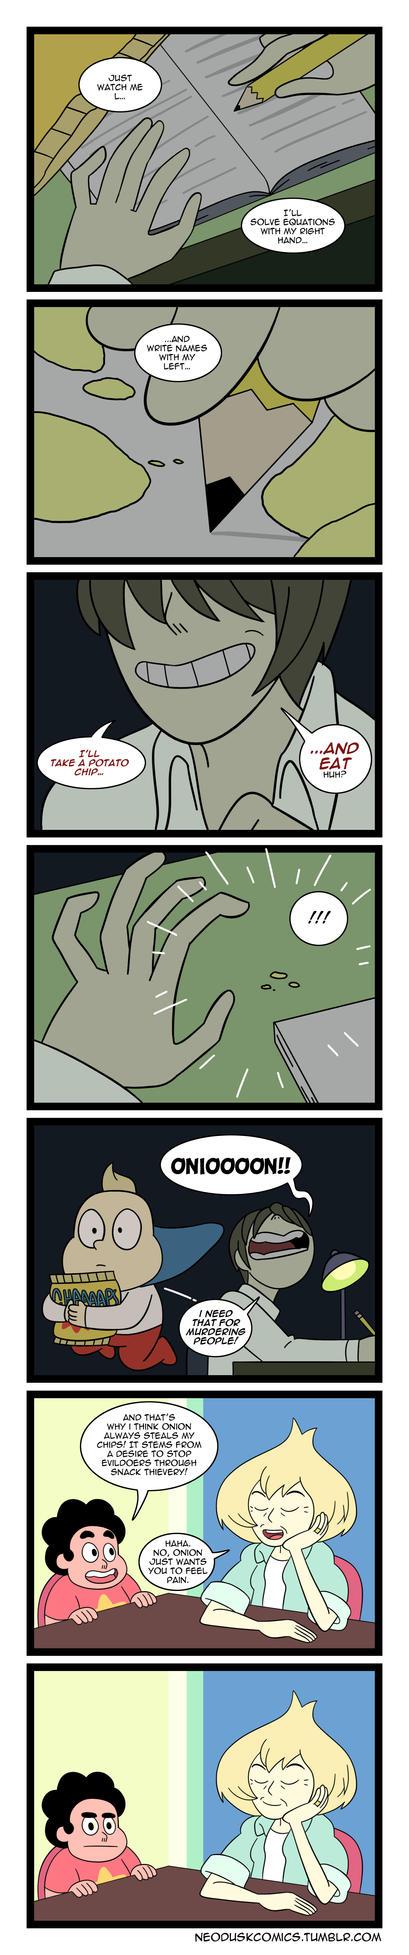 Steven Universe: Onion Note by Neodusk